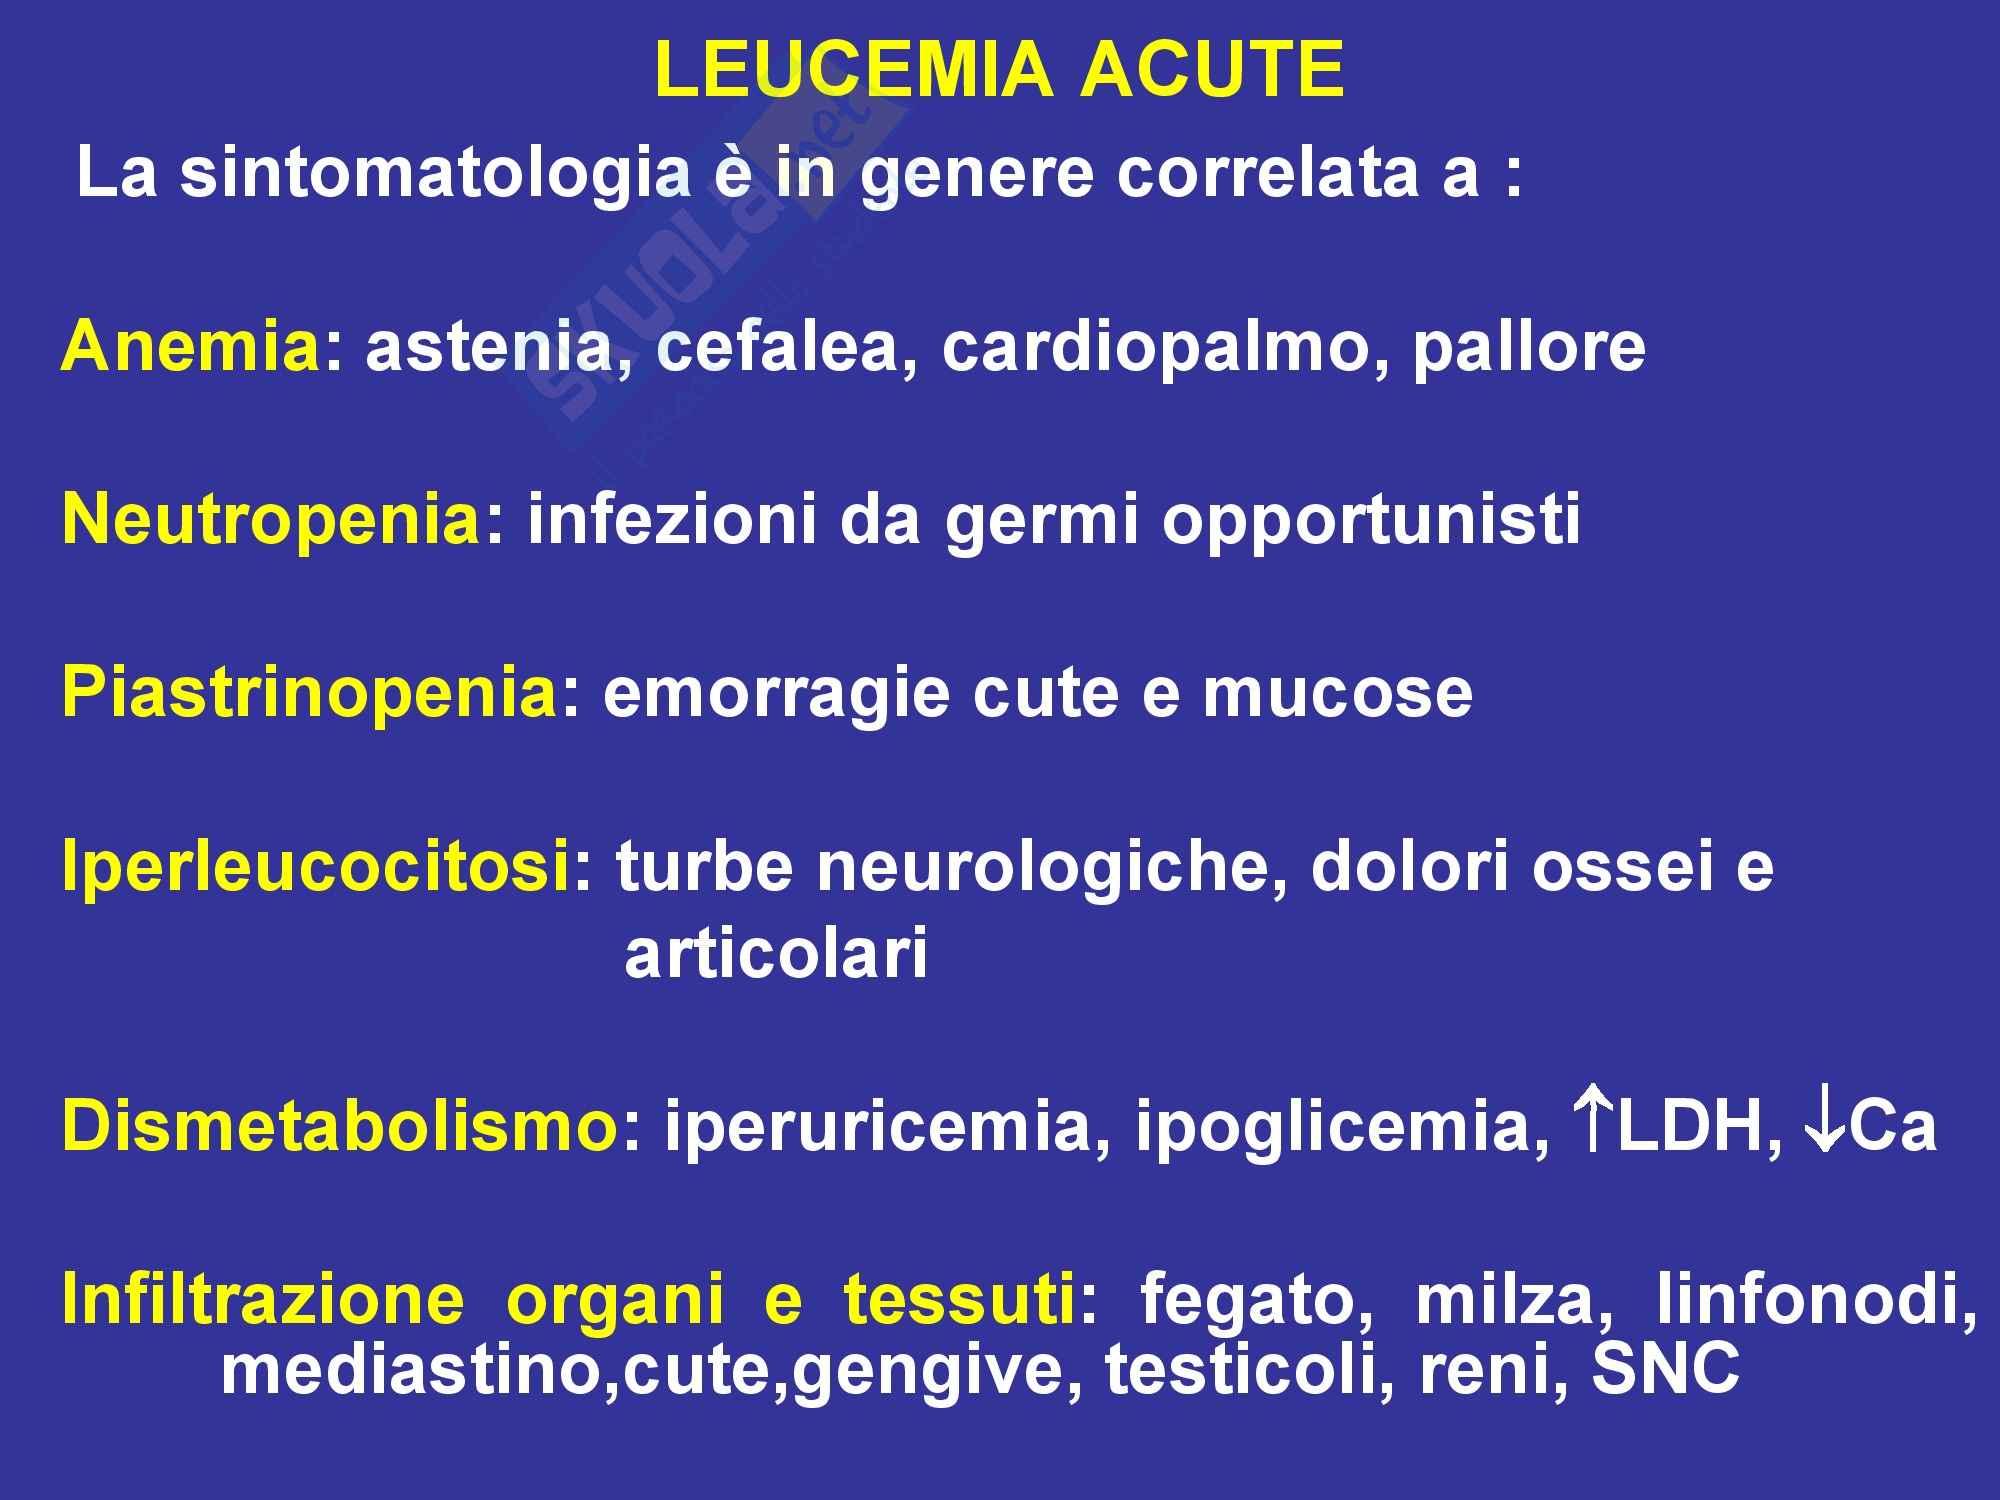 Leucemie - Mieloidi e acute Pag. 16